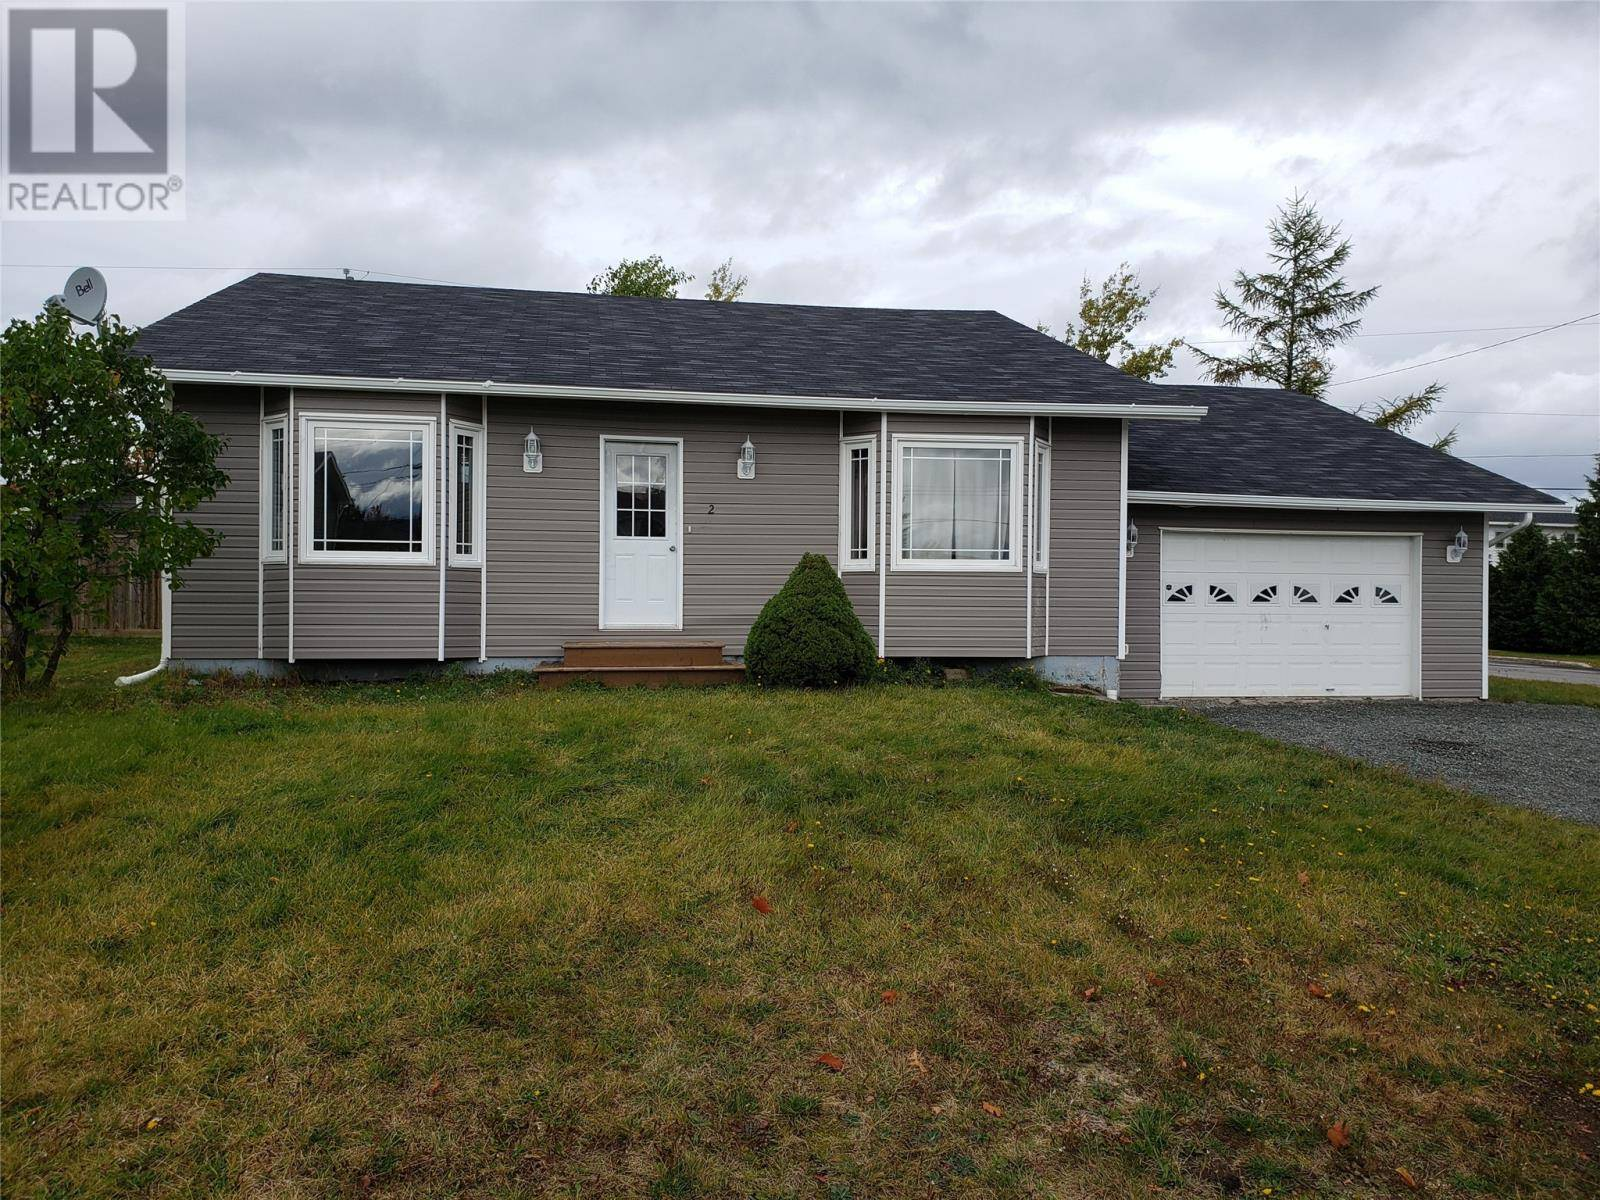 House for sale at 2 Juniper St Lewisporte Newfoundland - MLS: 1205303